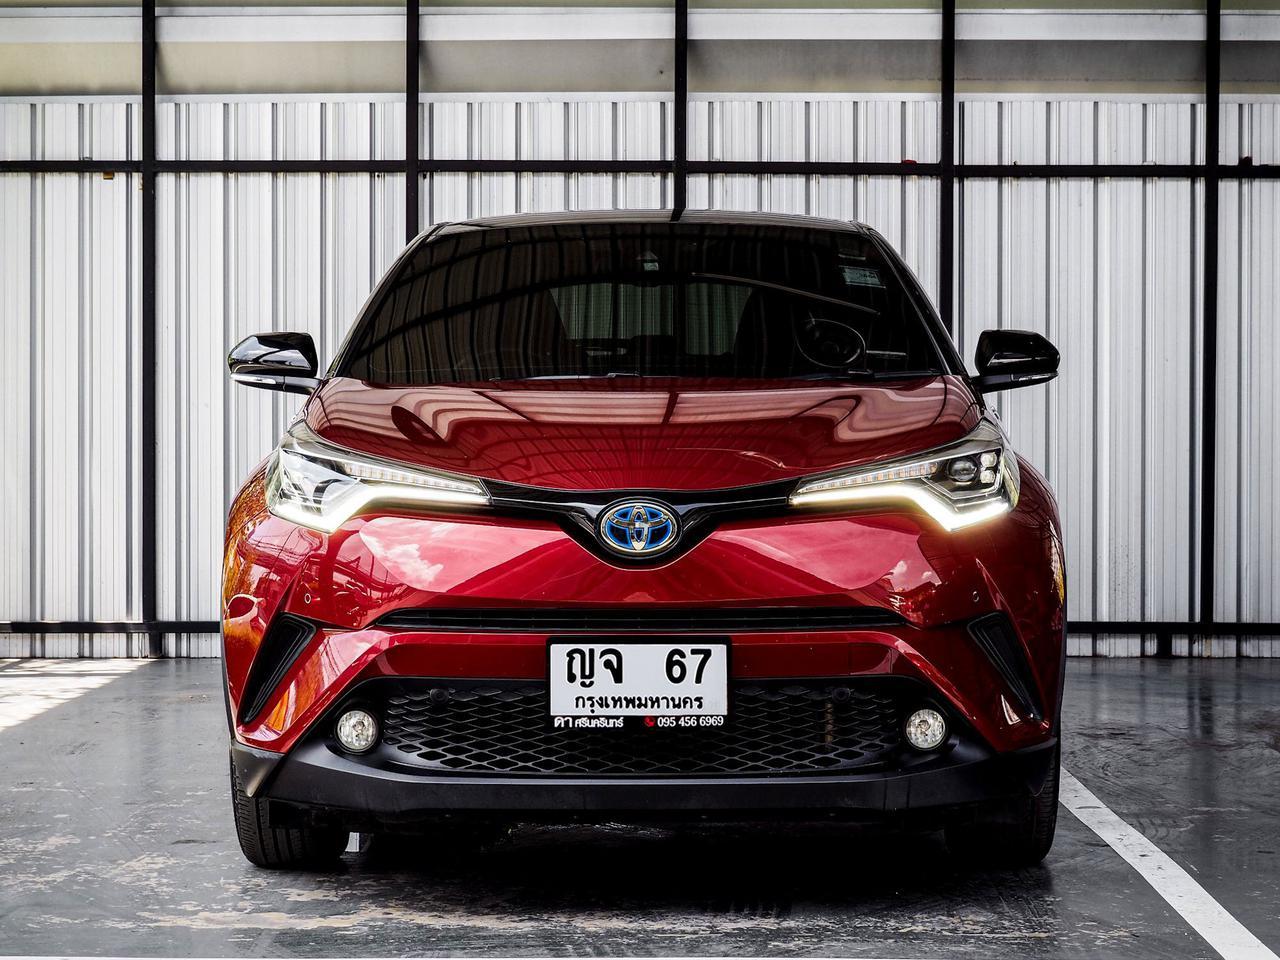 Toyota CHR HV Hi รุ่น Top สุด ปี 2019 เลขไมล์ 60,000 กิโล รูปที่ 2